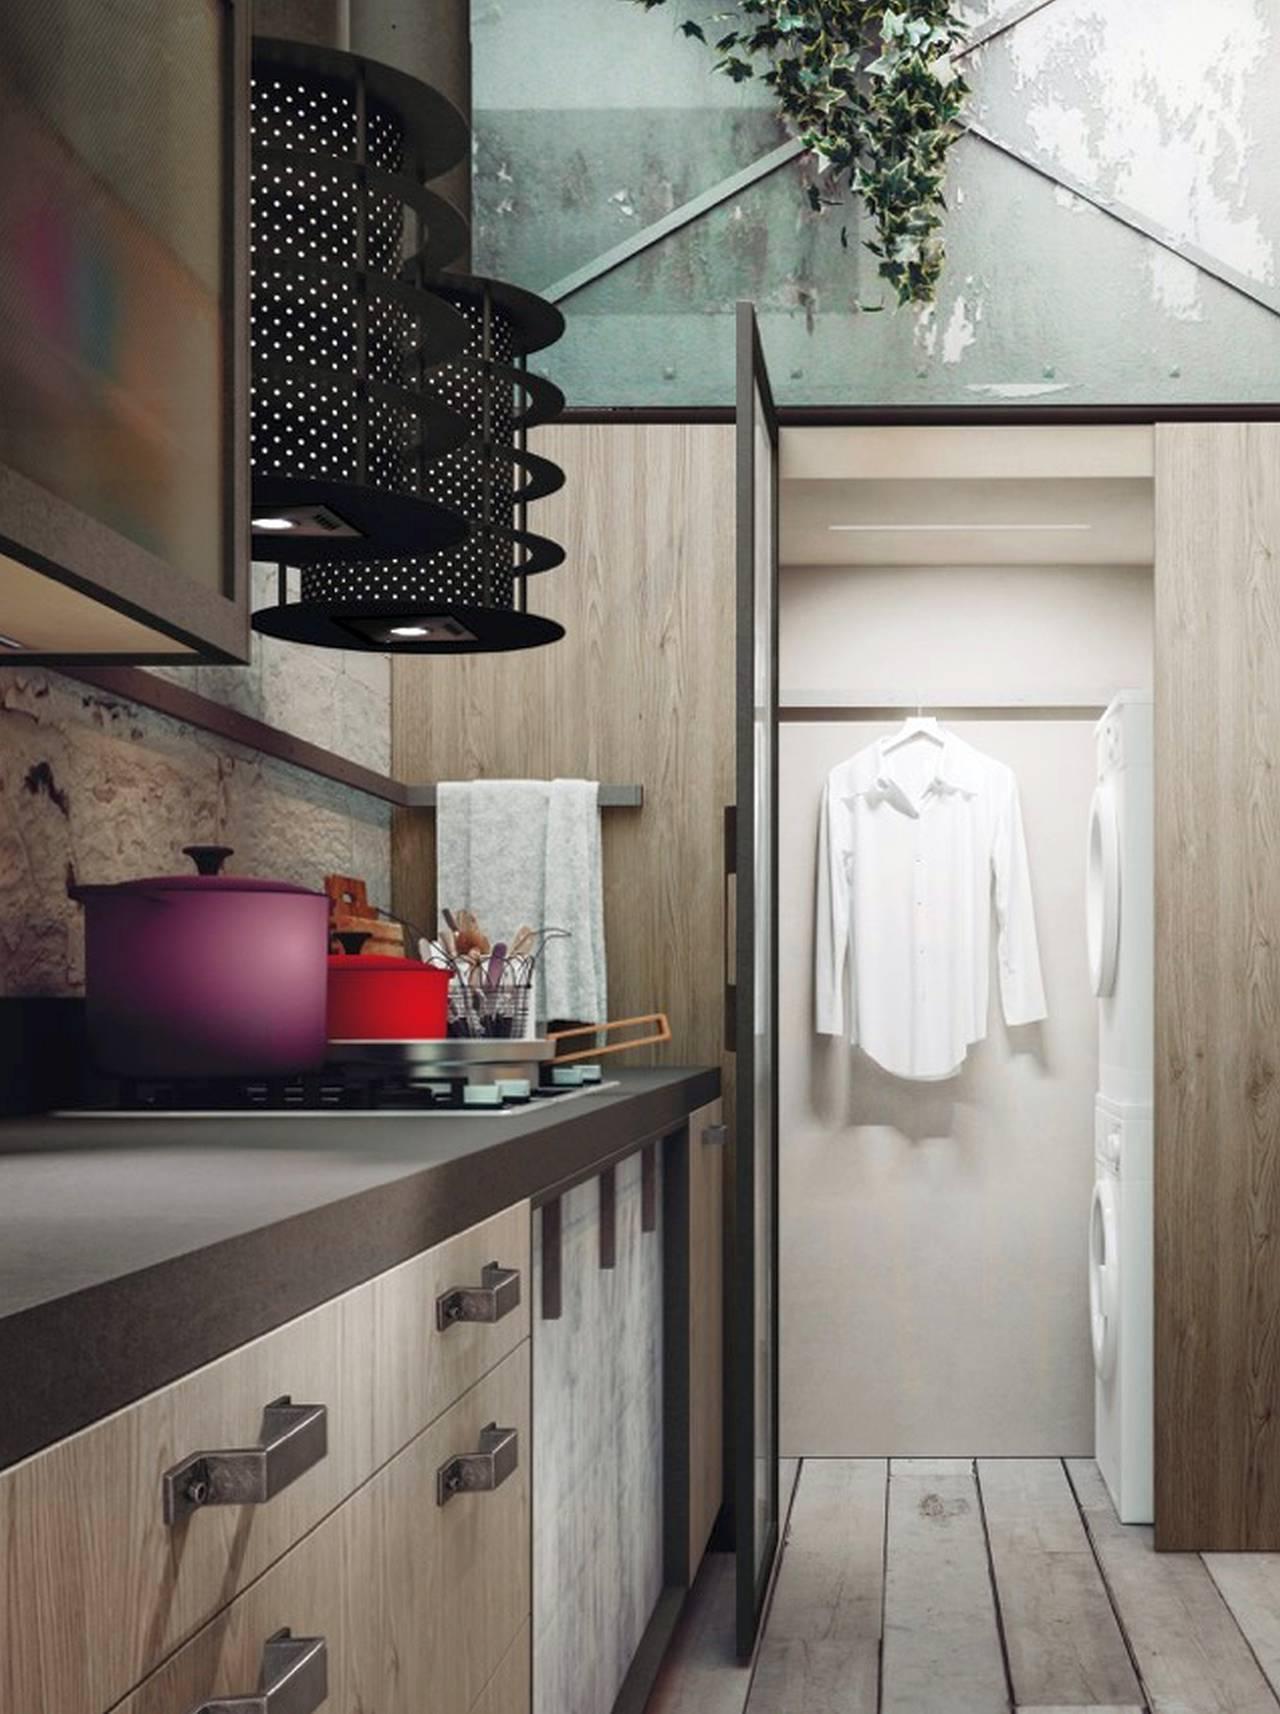 Snaidero Loft cucina con attrezzatura lavanderia integrata